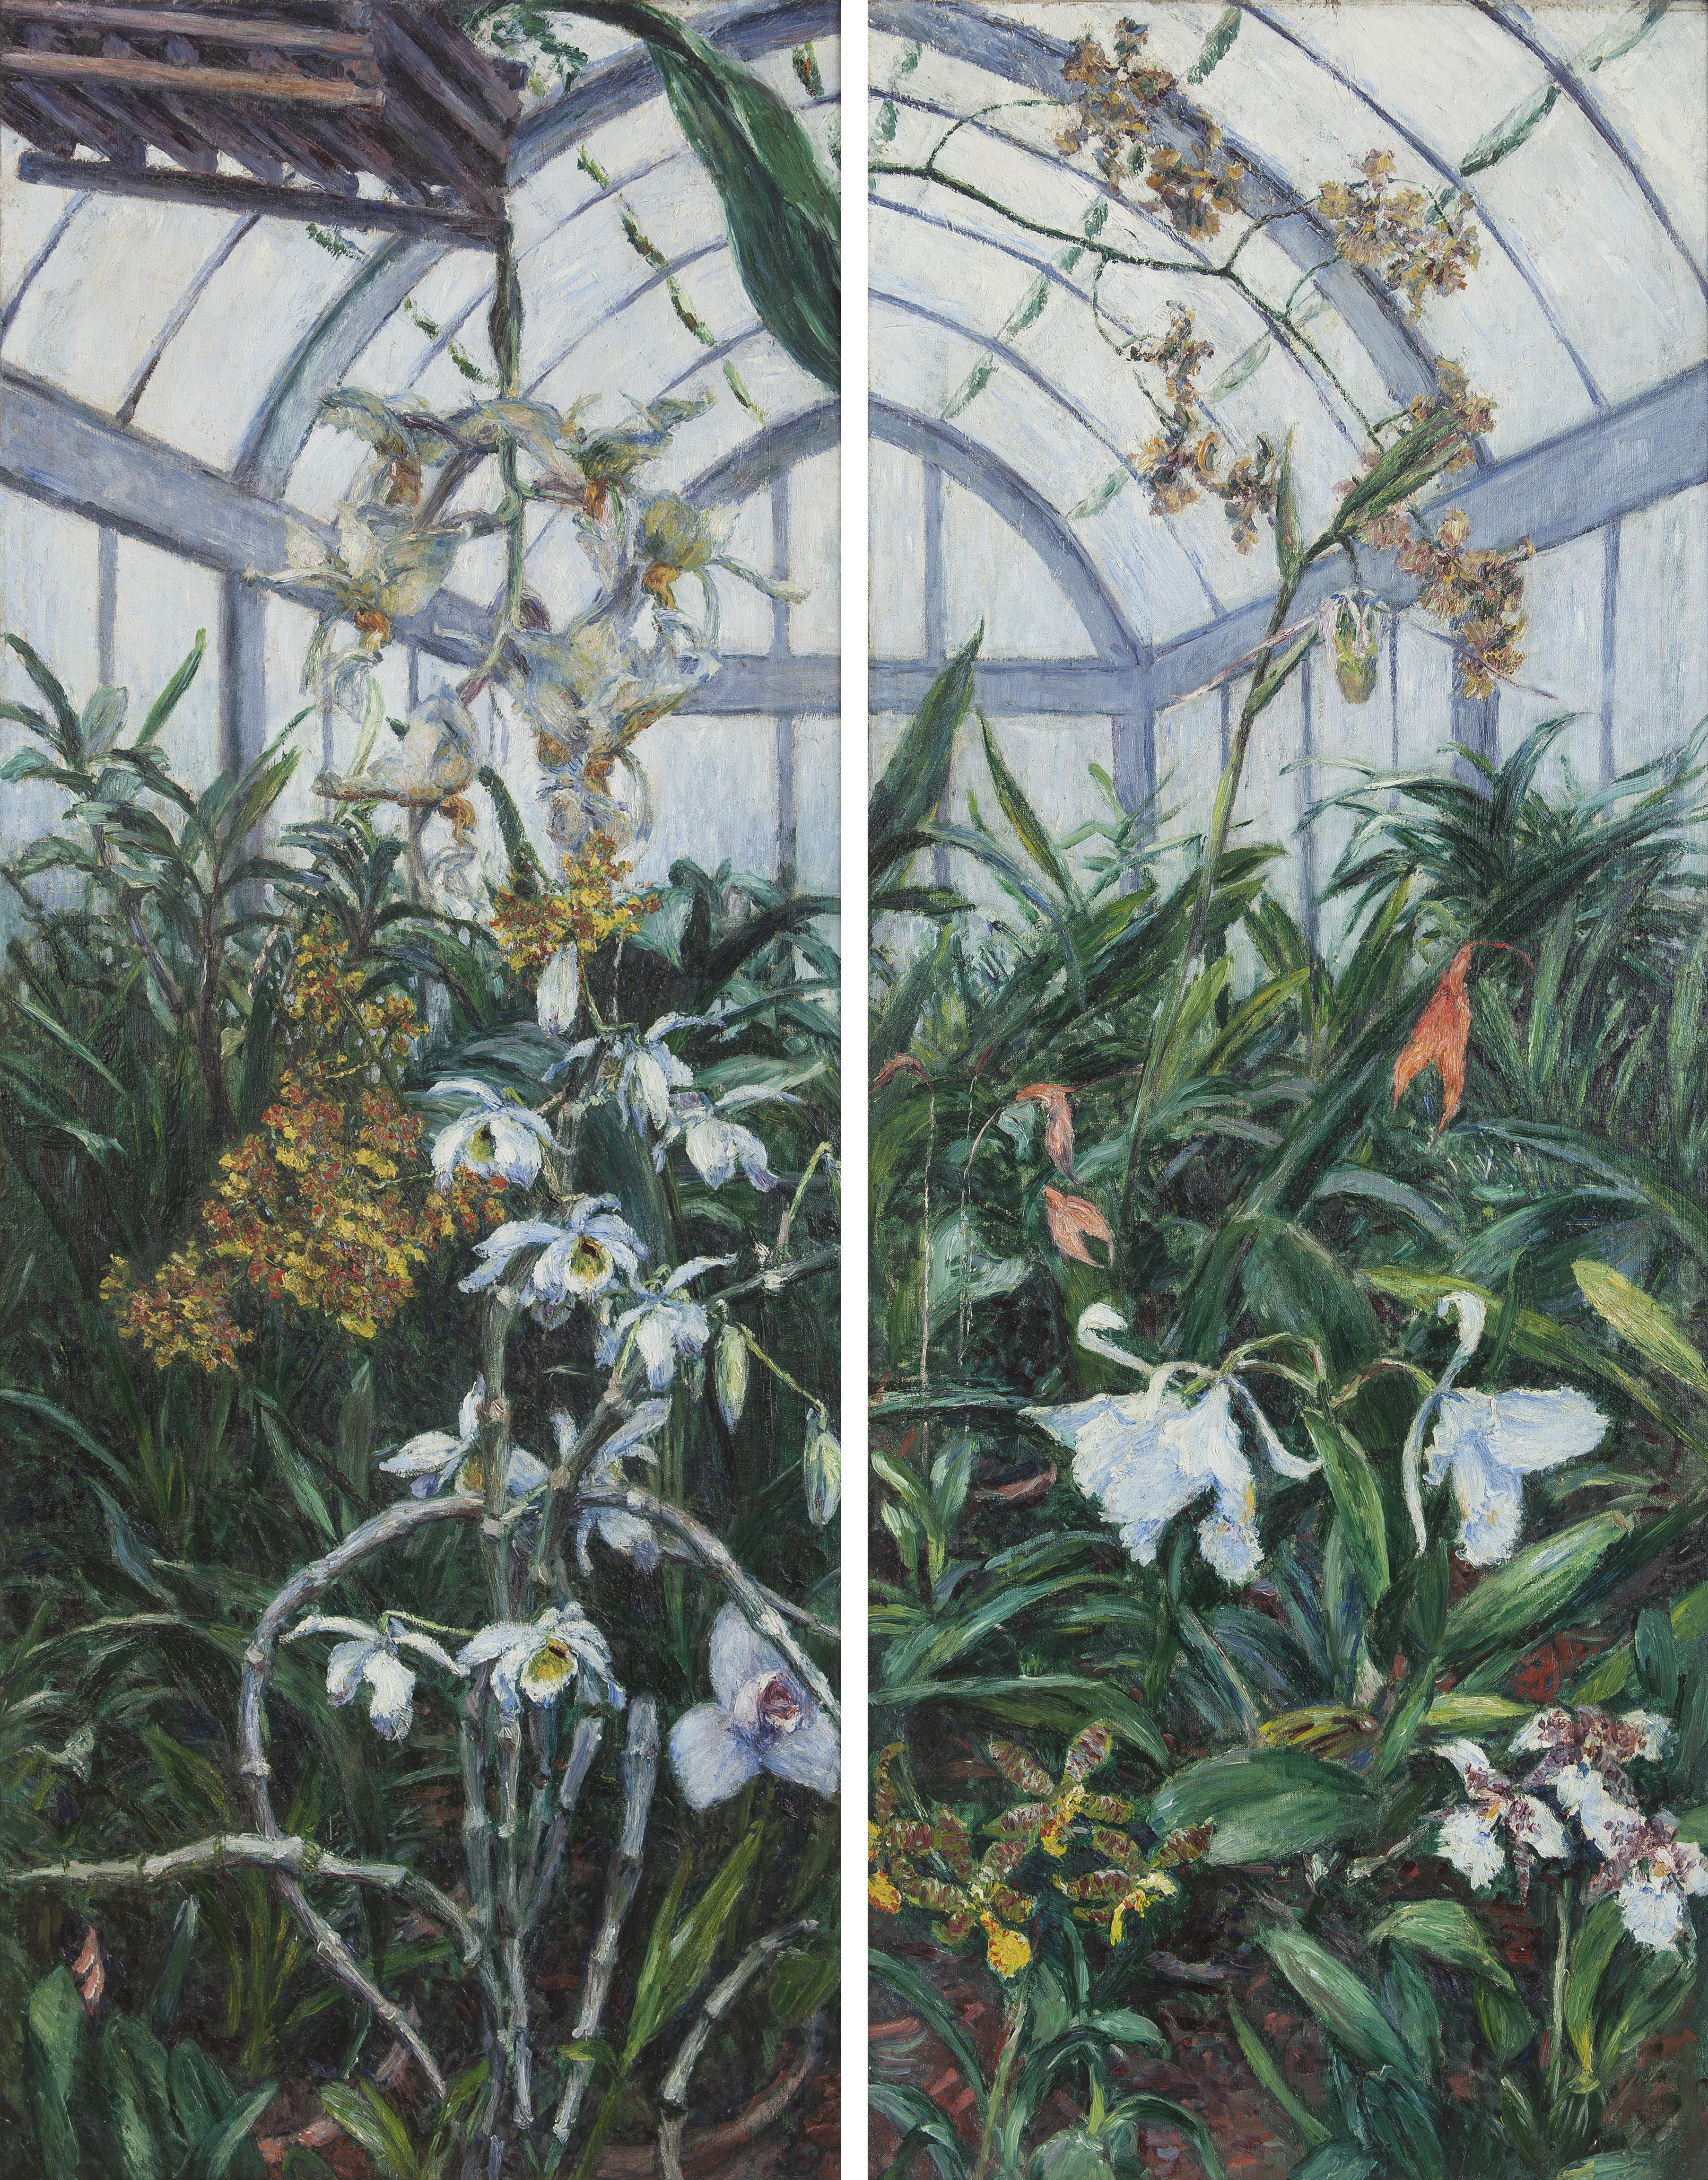 Quand Claude Monet et Gustave Caillebotte jardinaient ensemble ...